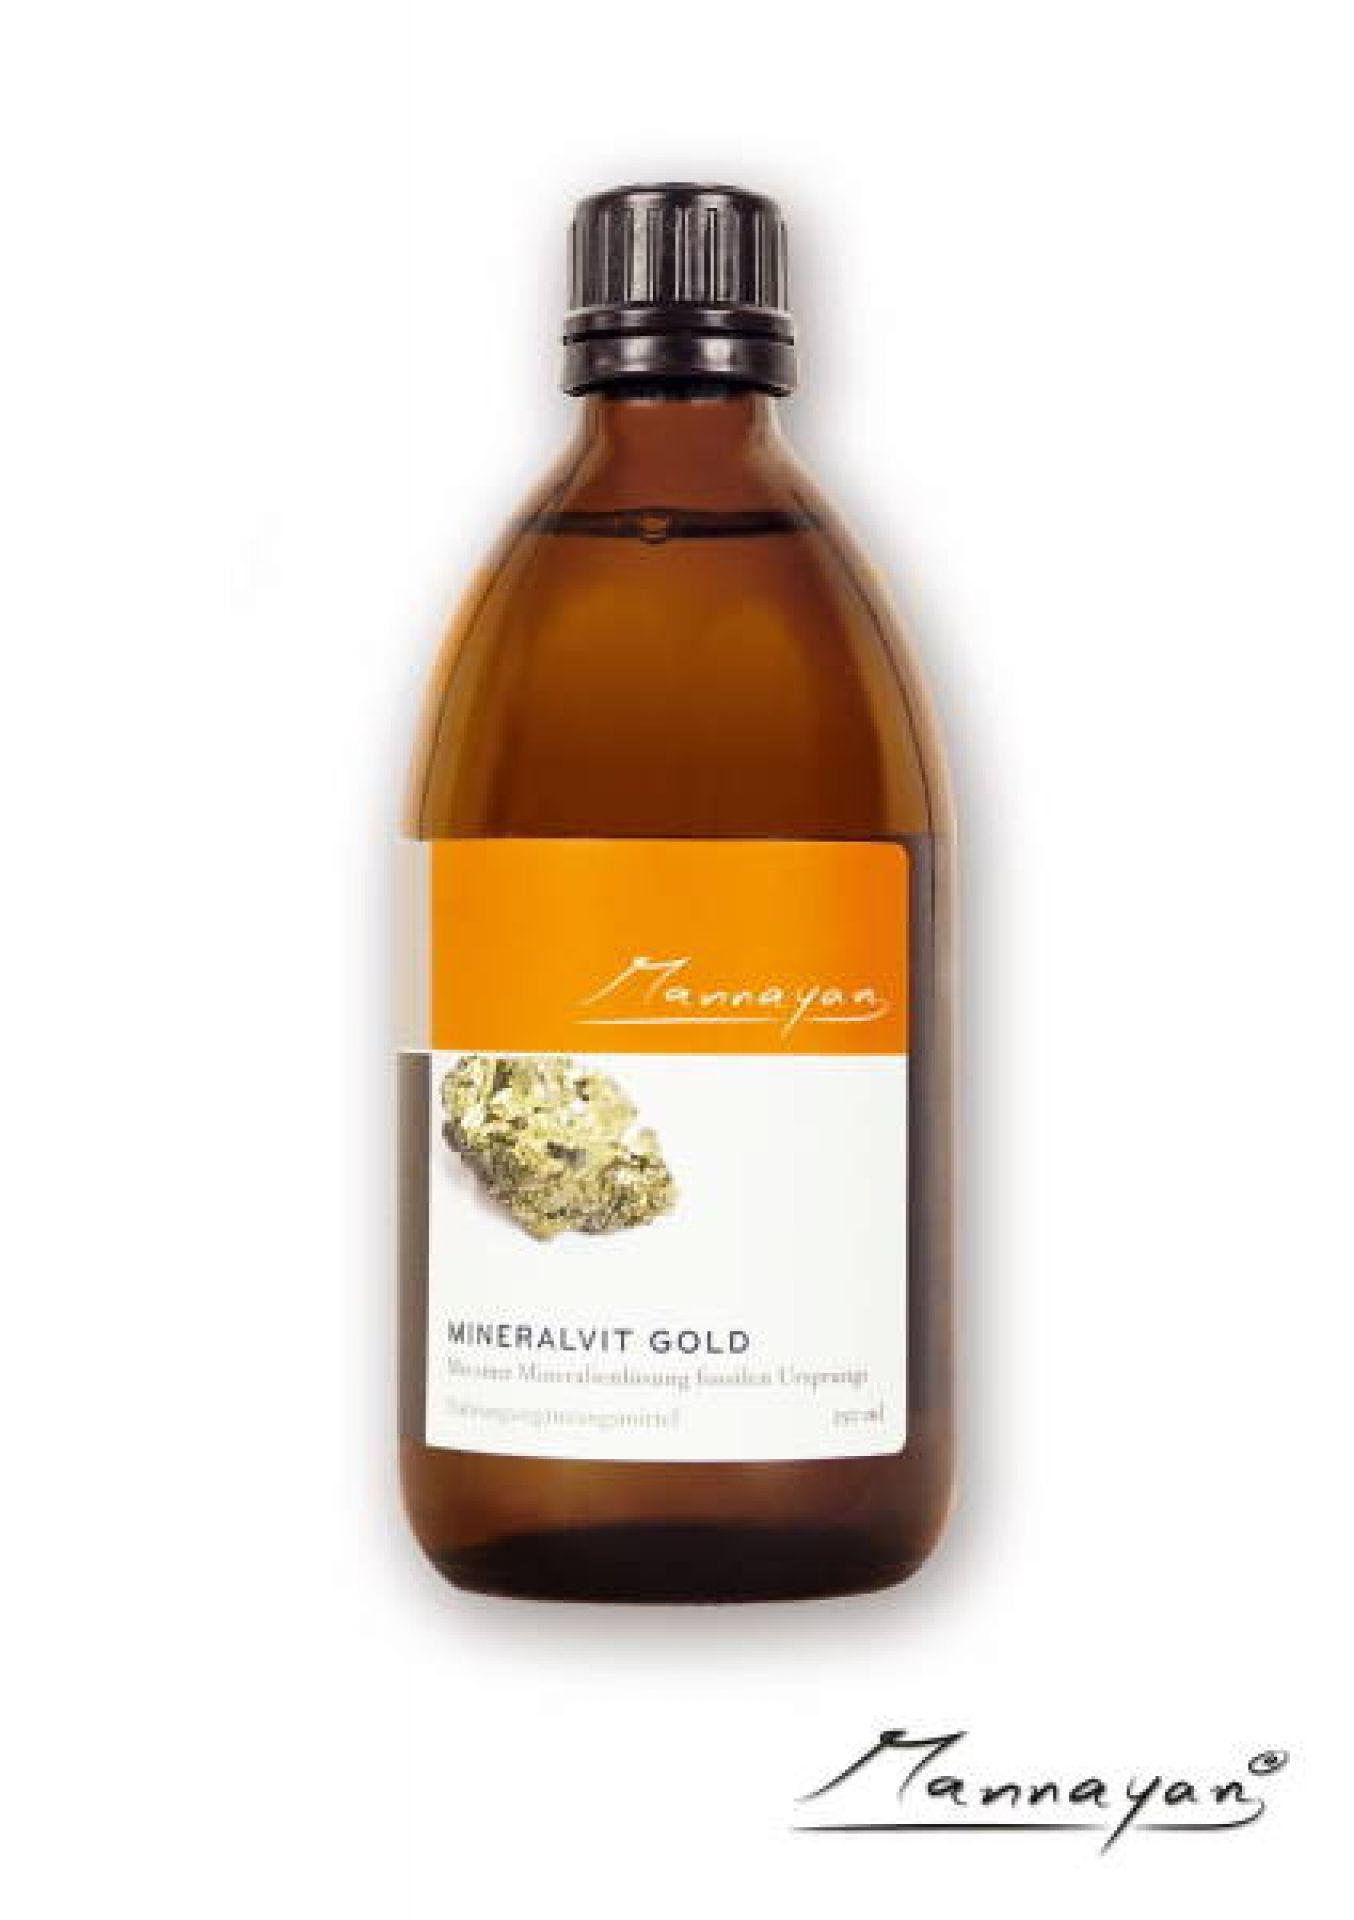 Mineralvit Gold 250 ml von Mannayan